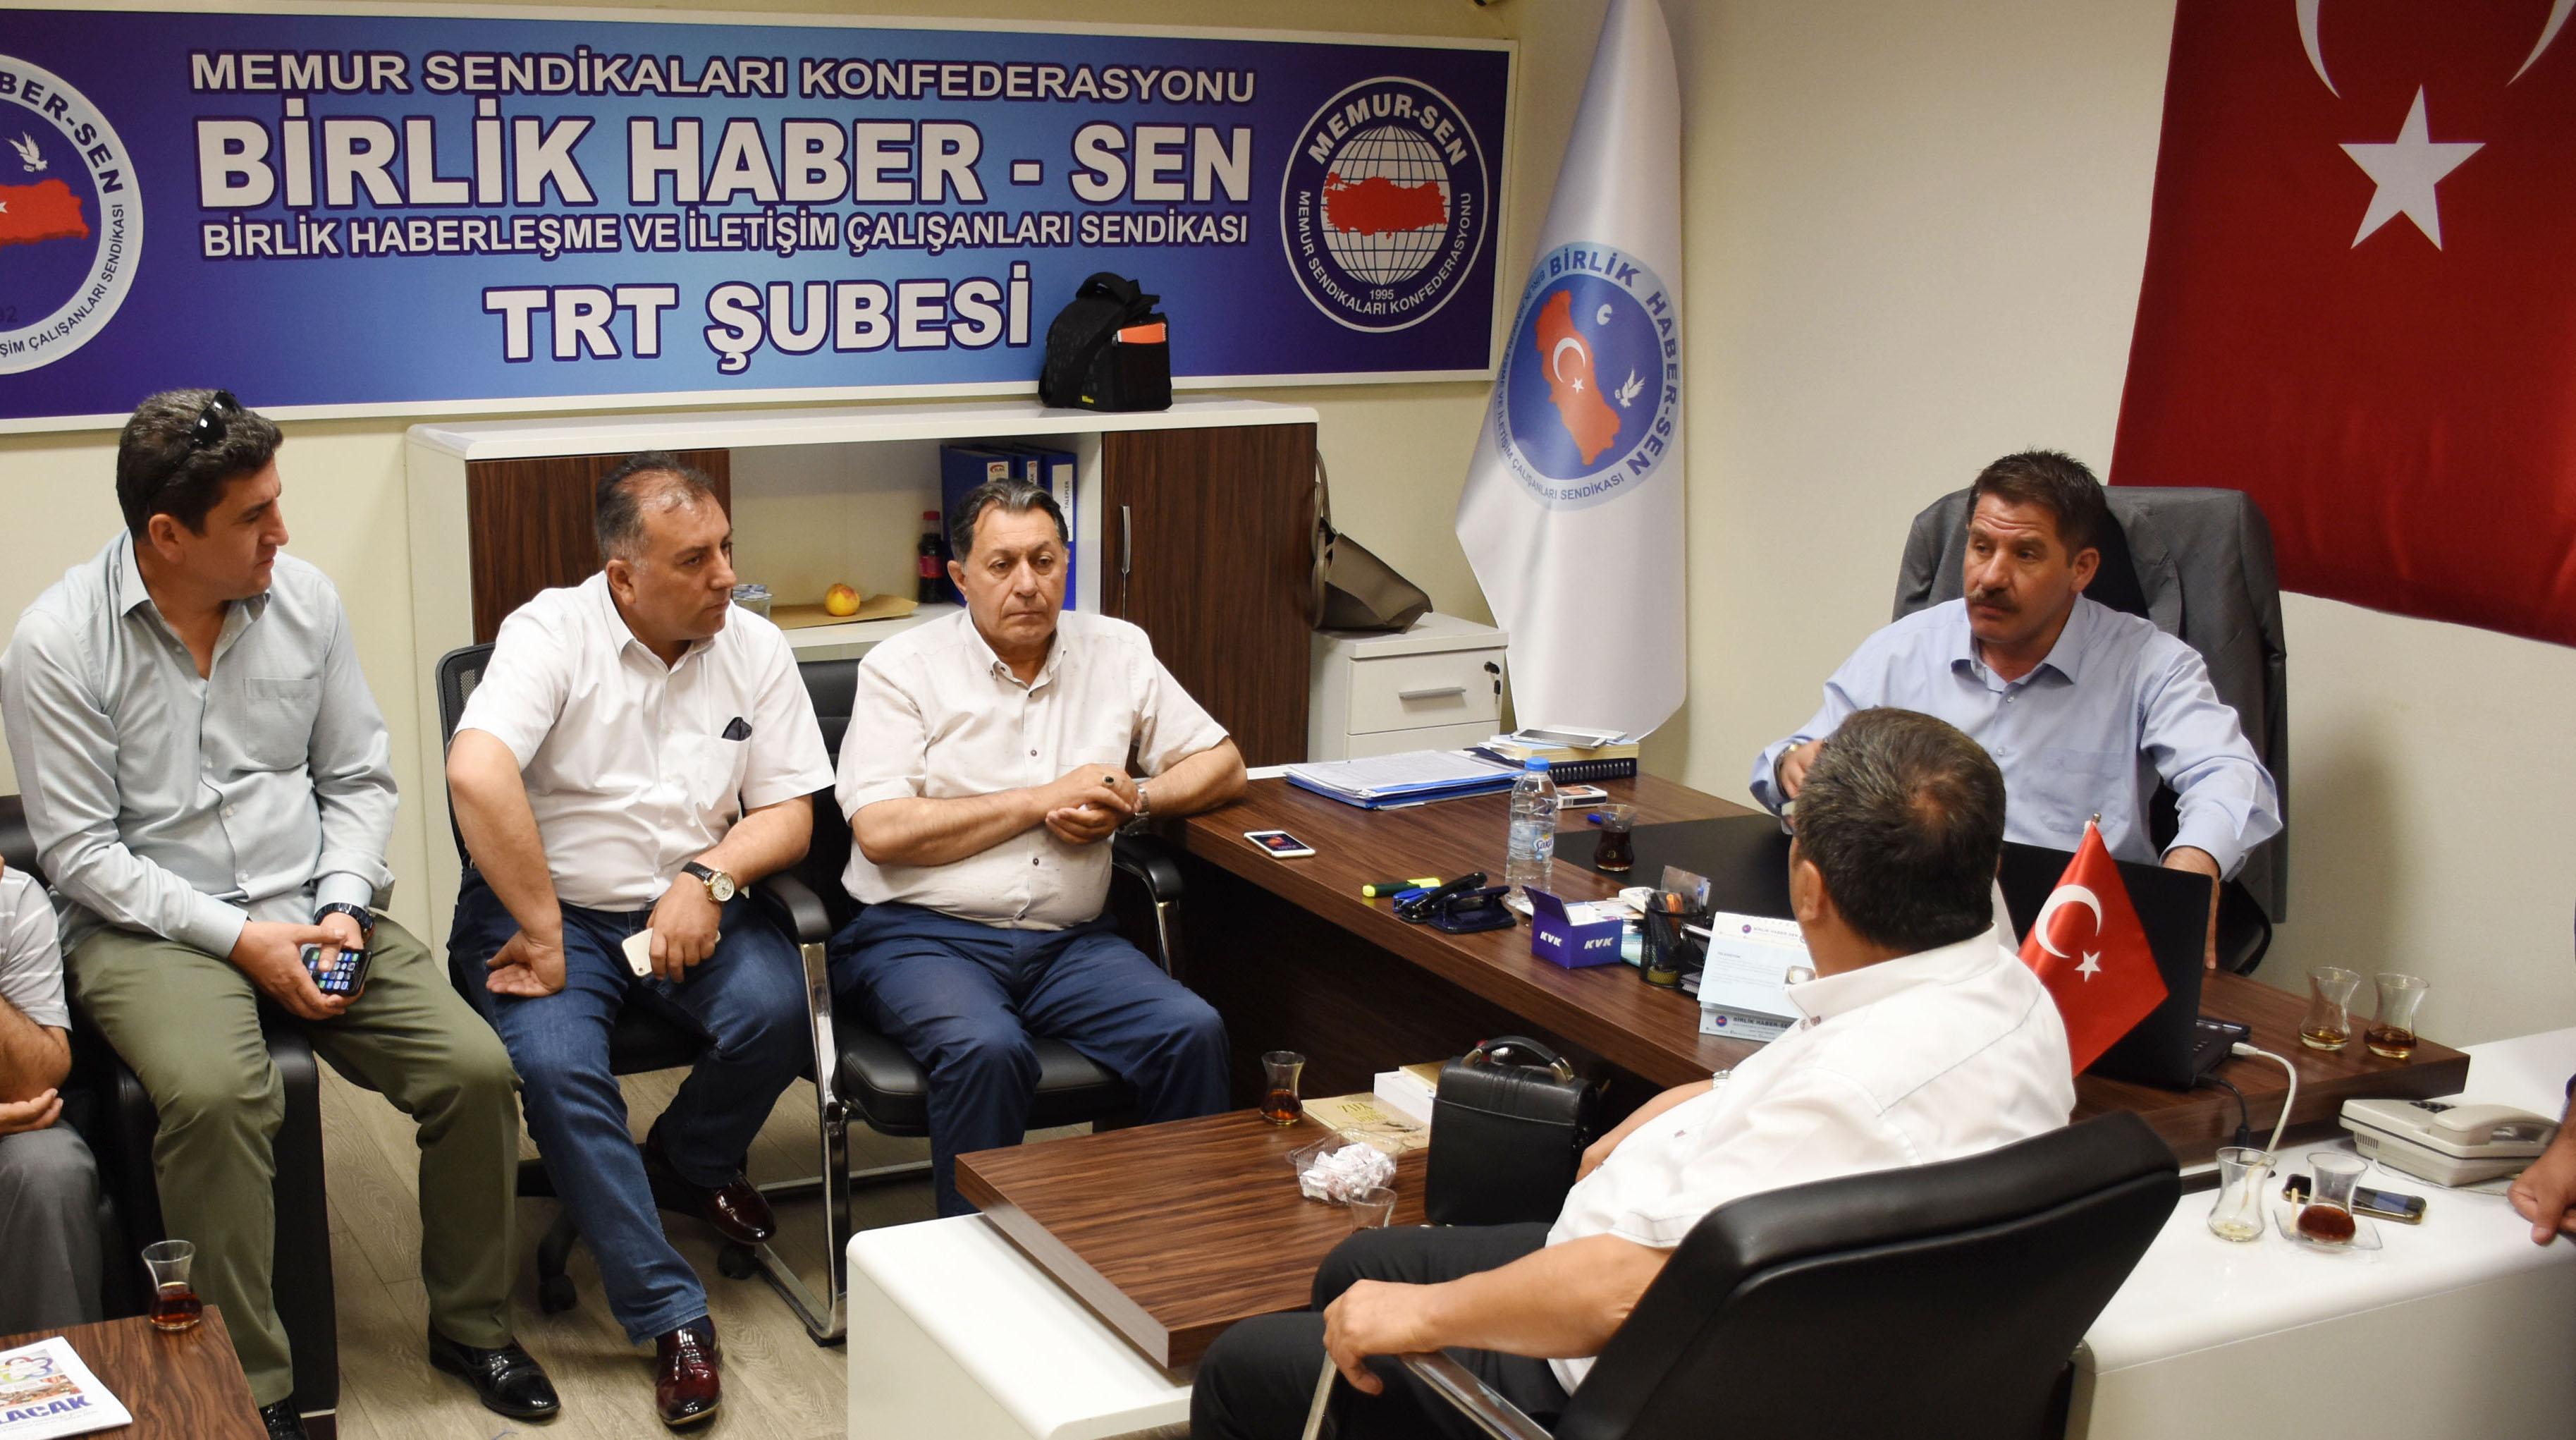 Birlik Haber-Sen'den TRT Personeli ile Durum Değerlendirmesi